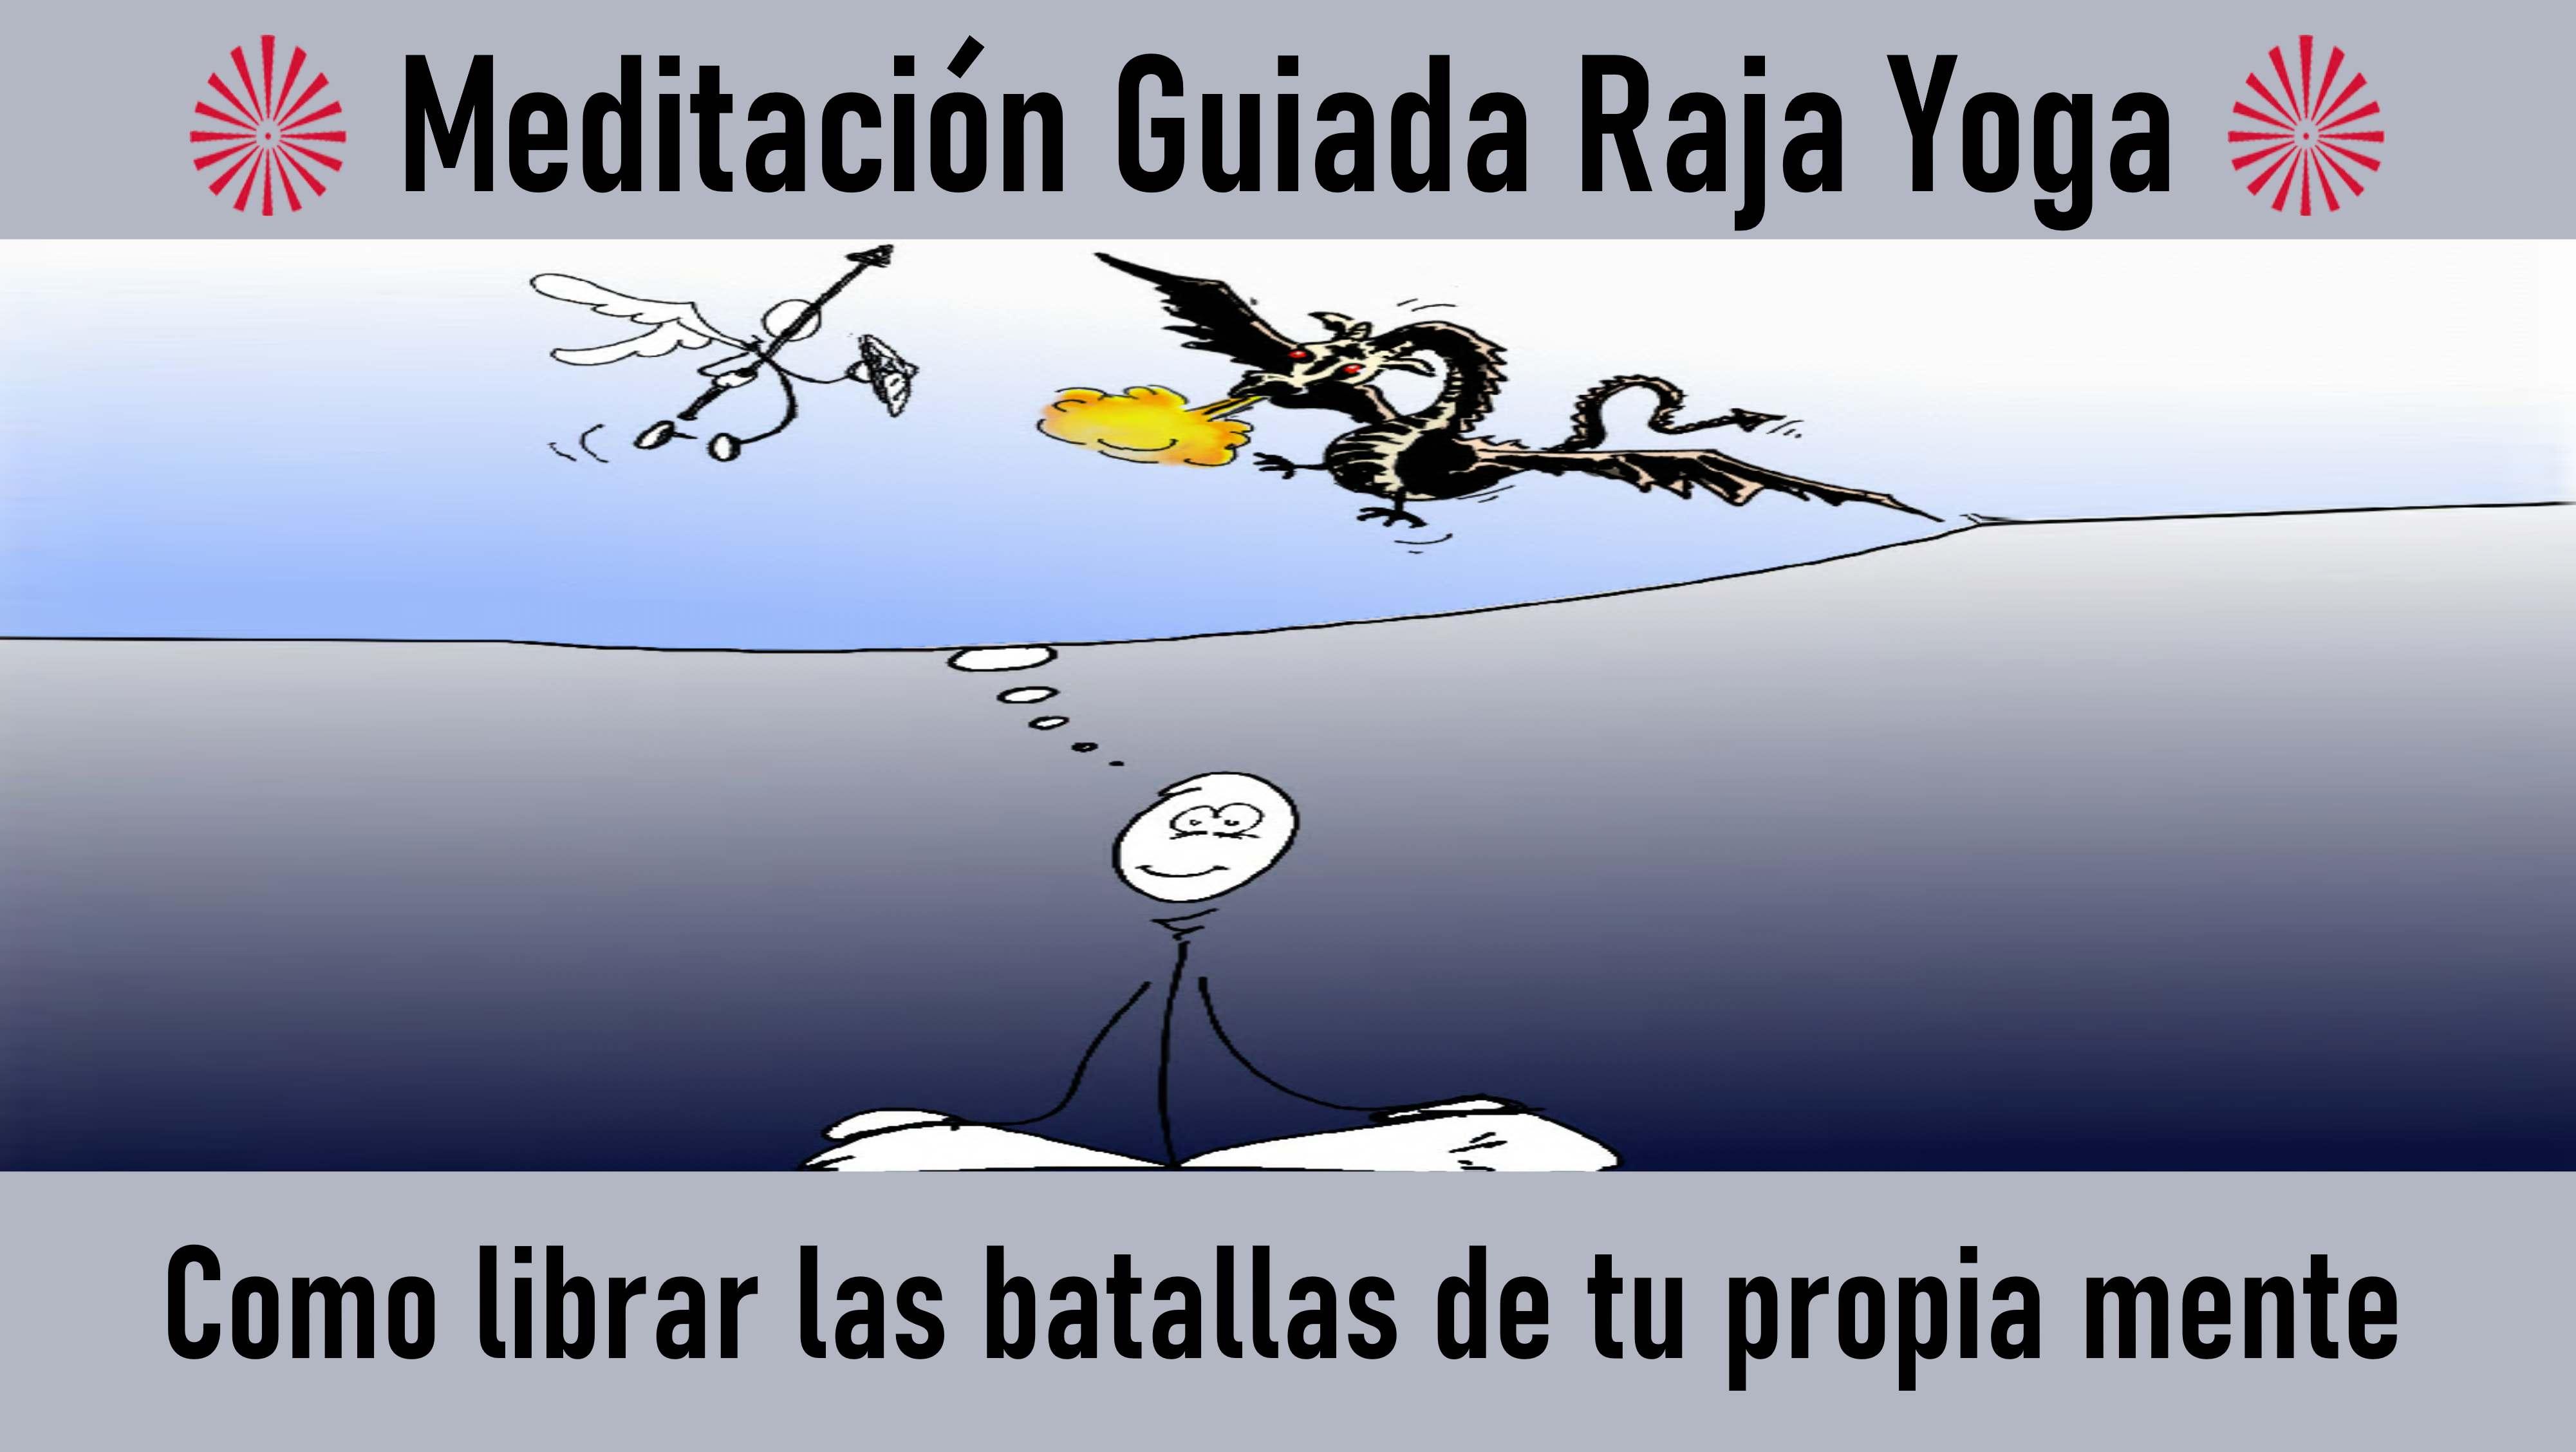 Meditación Raja Yoga: Cómo librar las batallas de nuestra propia mente (18 Agosto 2020) On-line desde Canarias